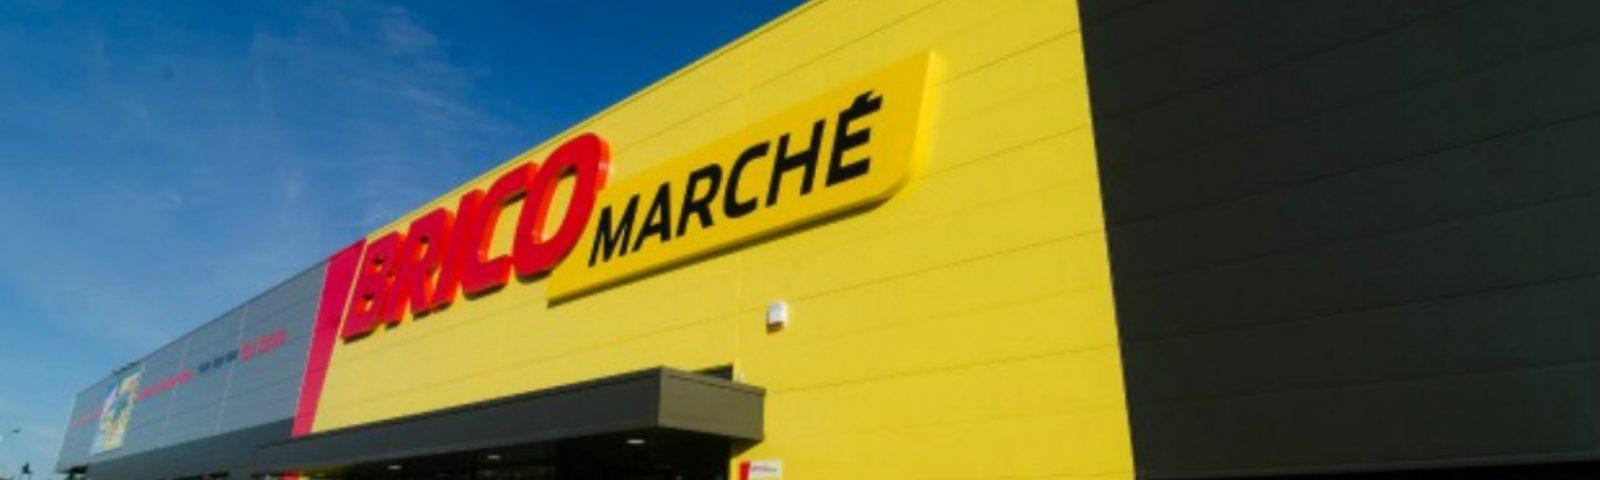 Bricomarché abre nova loja na Malveira